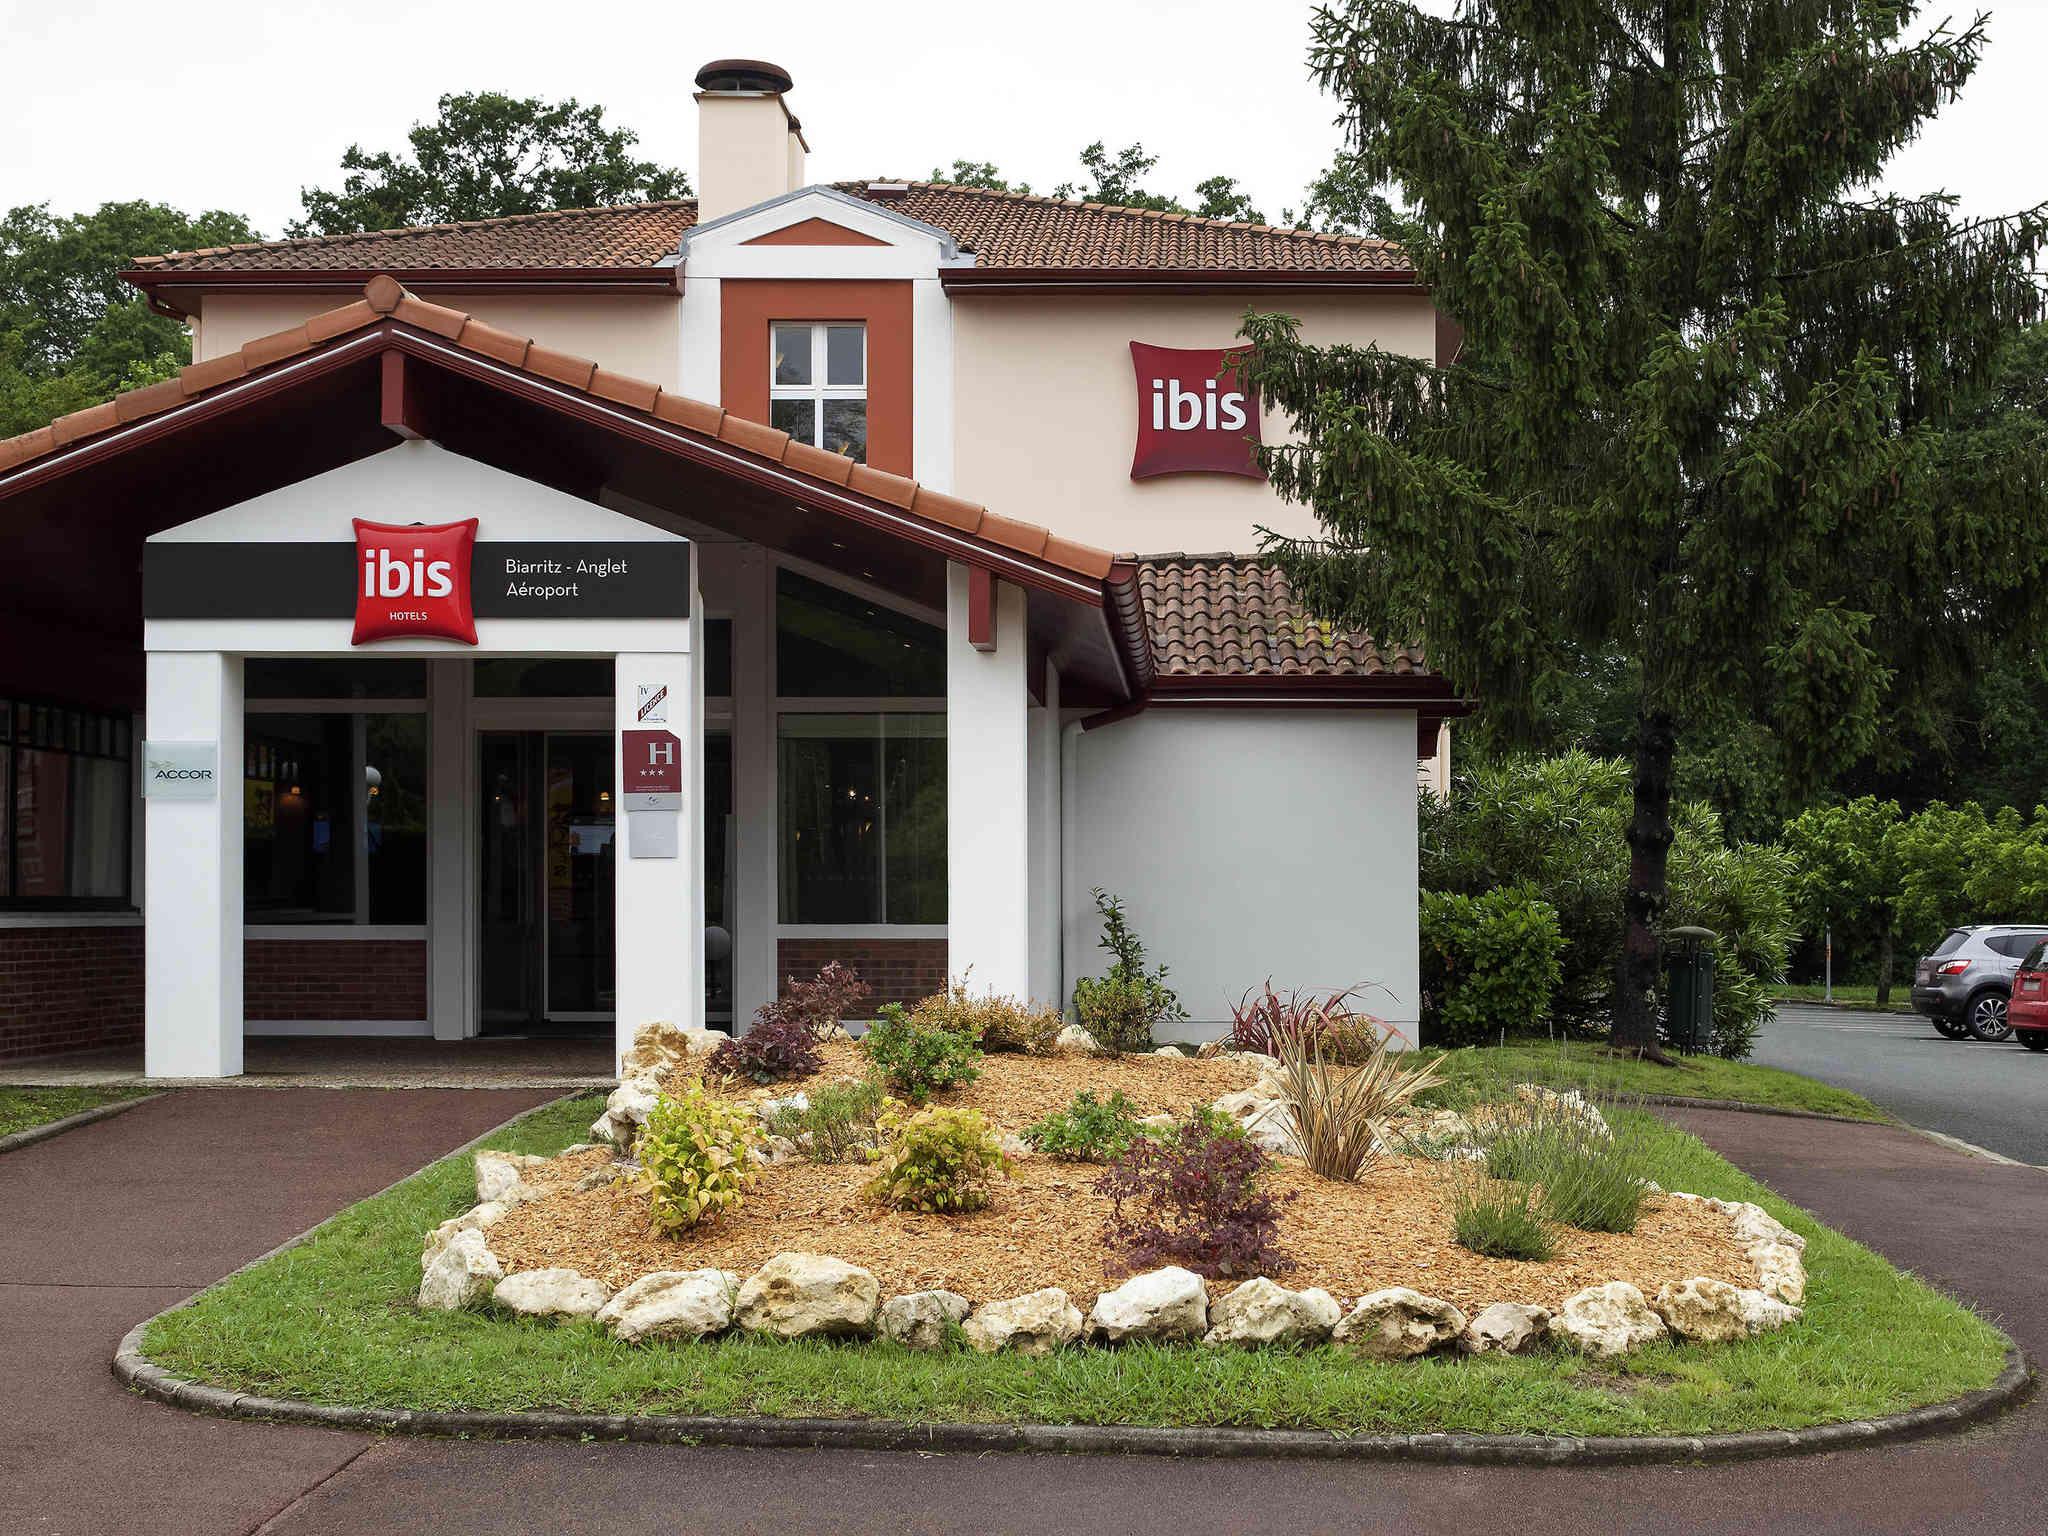 Hotel - ibis Biarritz Anglet Aéroport